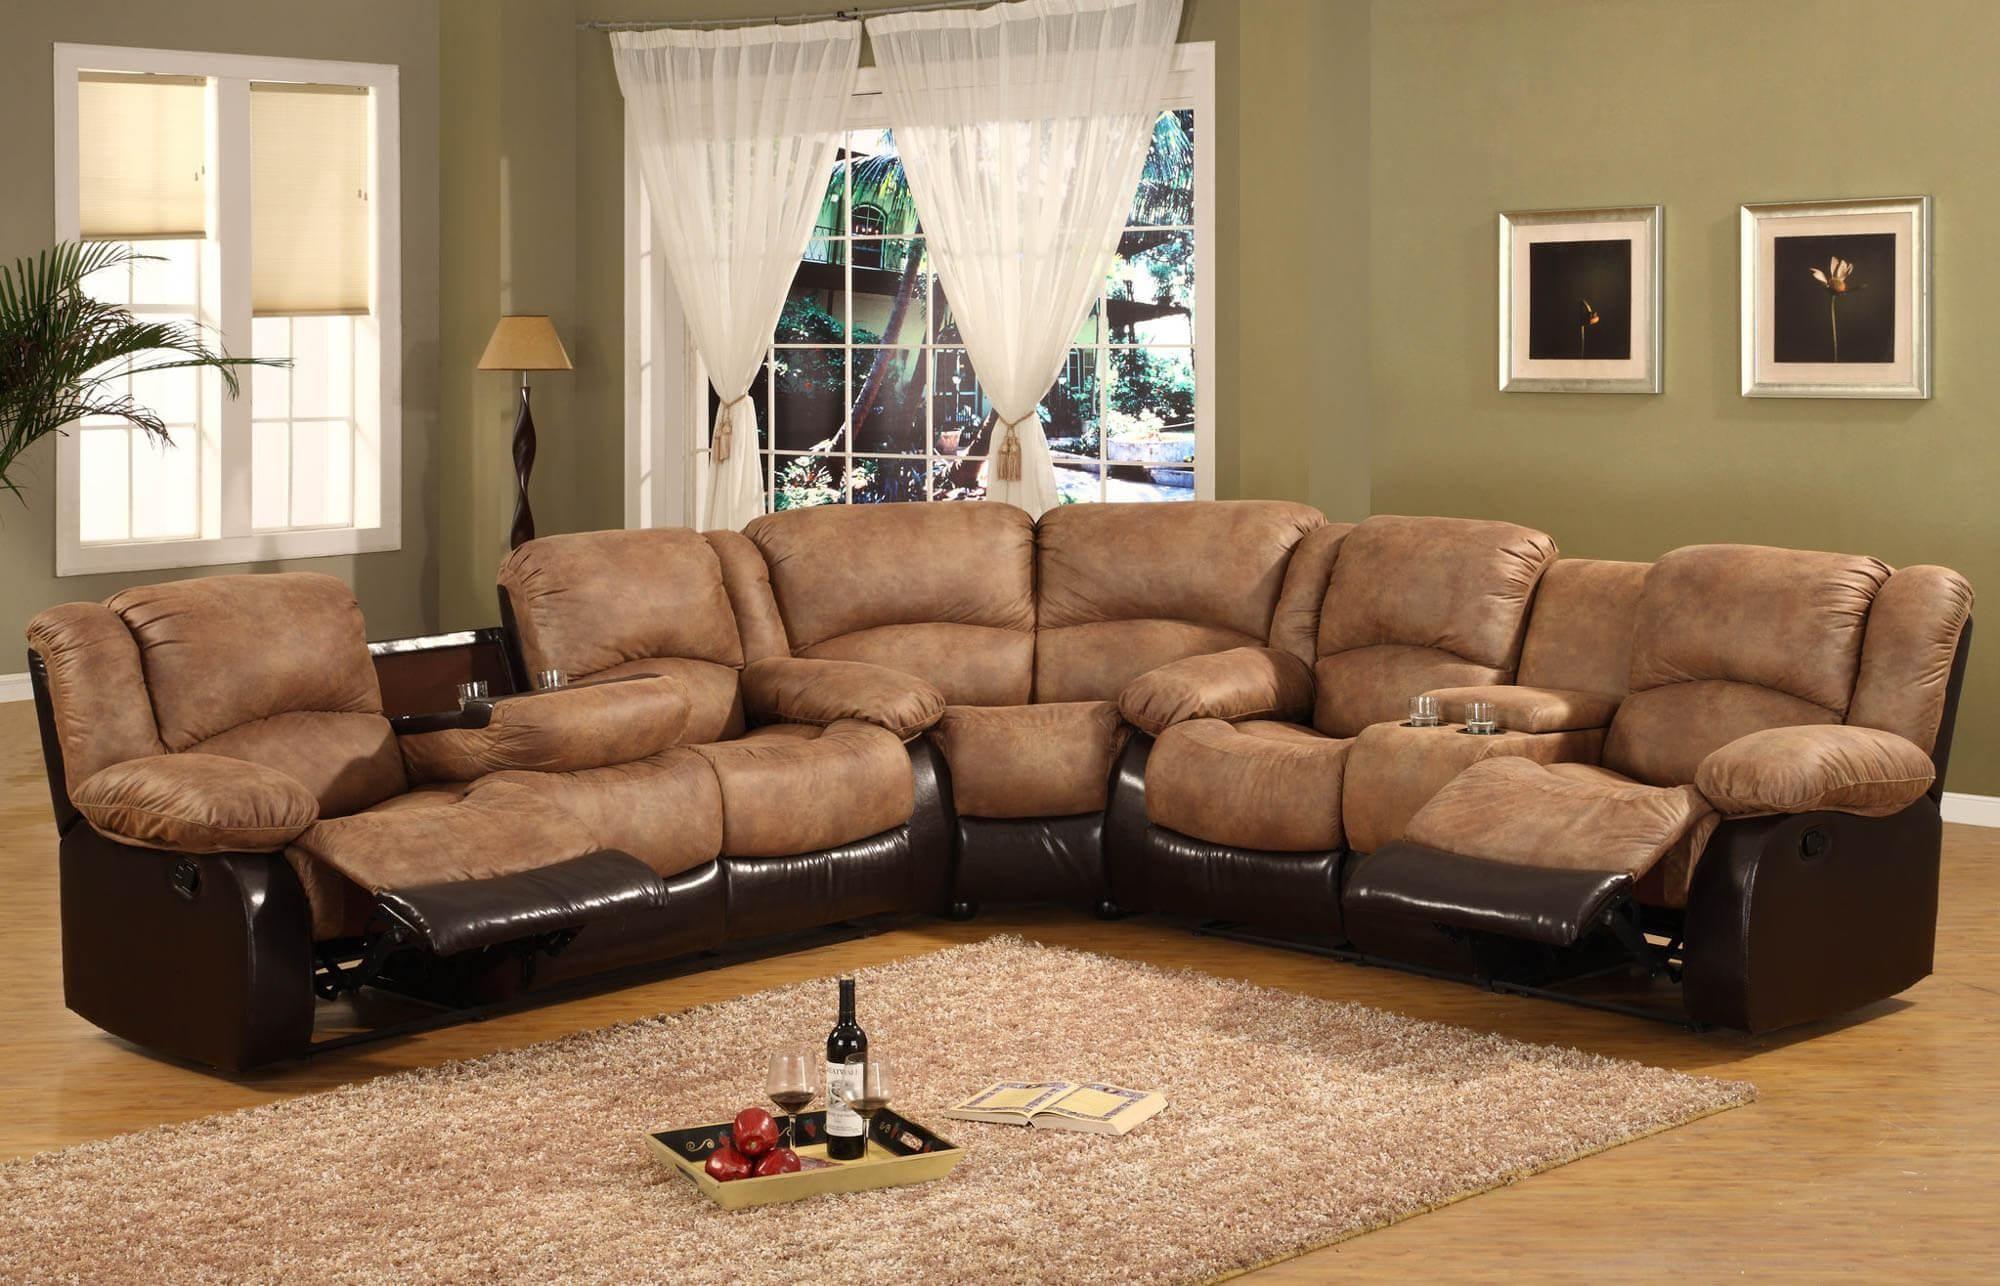 Ideen von Soft Sectional Sofas Kommode Der Stil sollte Einfluss auf ...